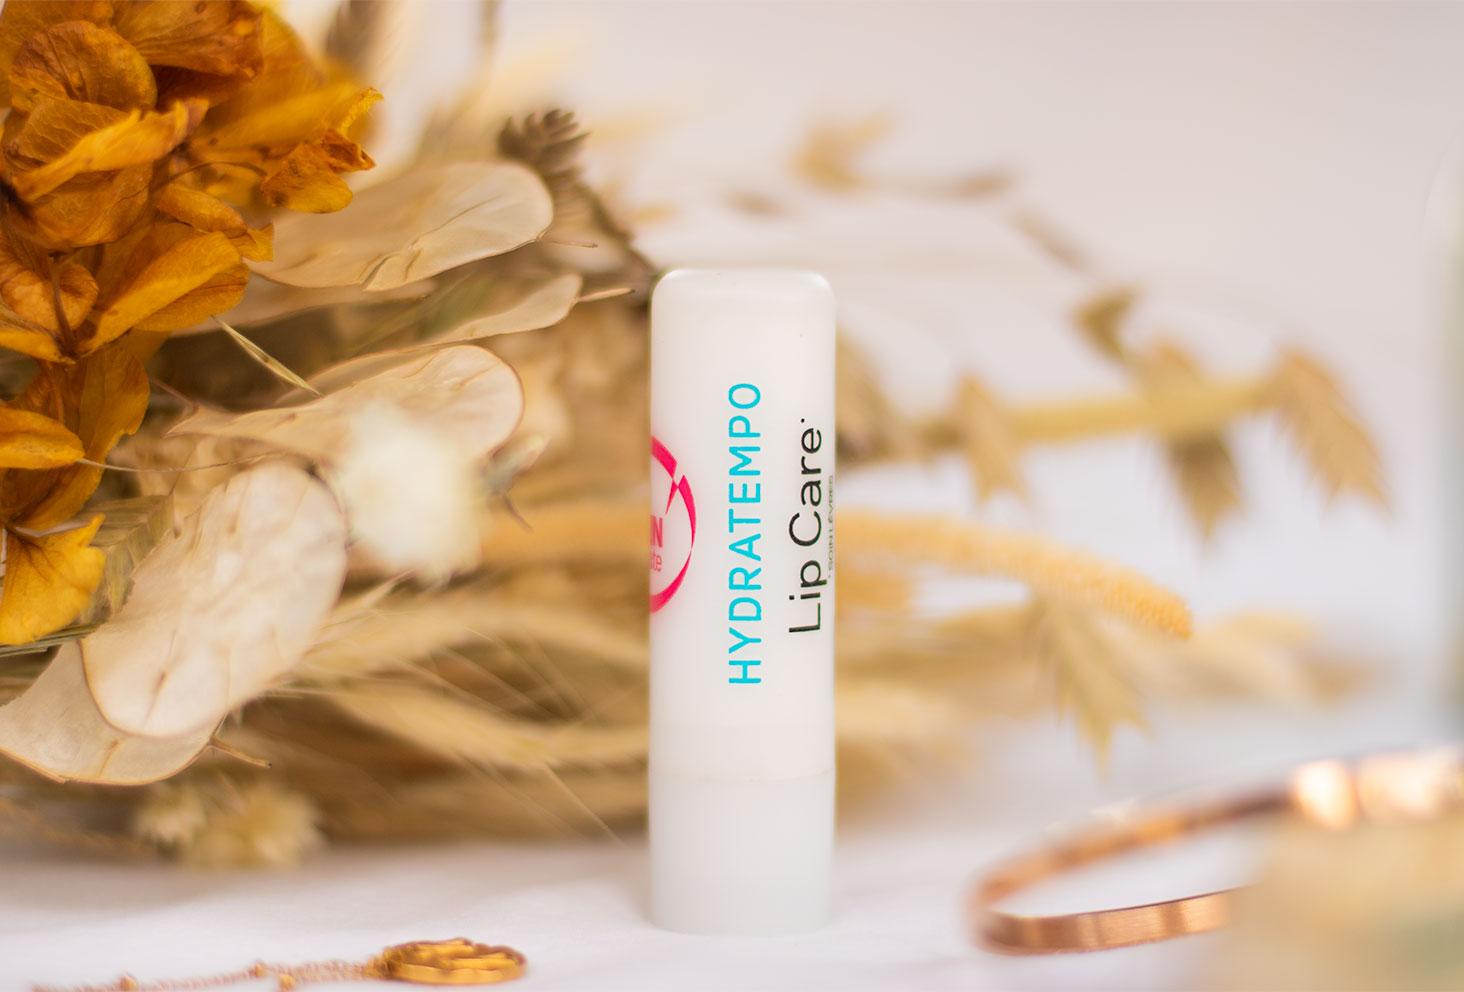 Zoom sur le baume à lèvres Hydratempo de Skin Minute